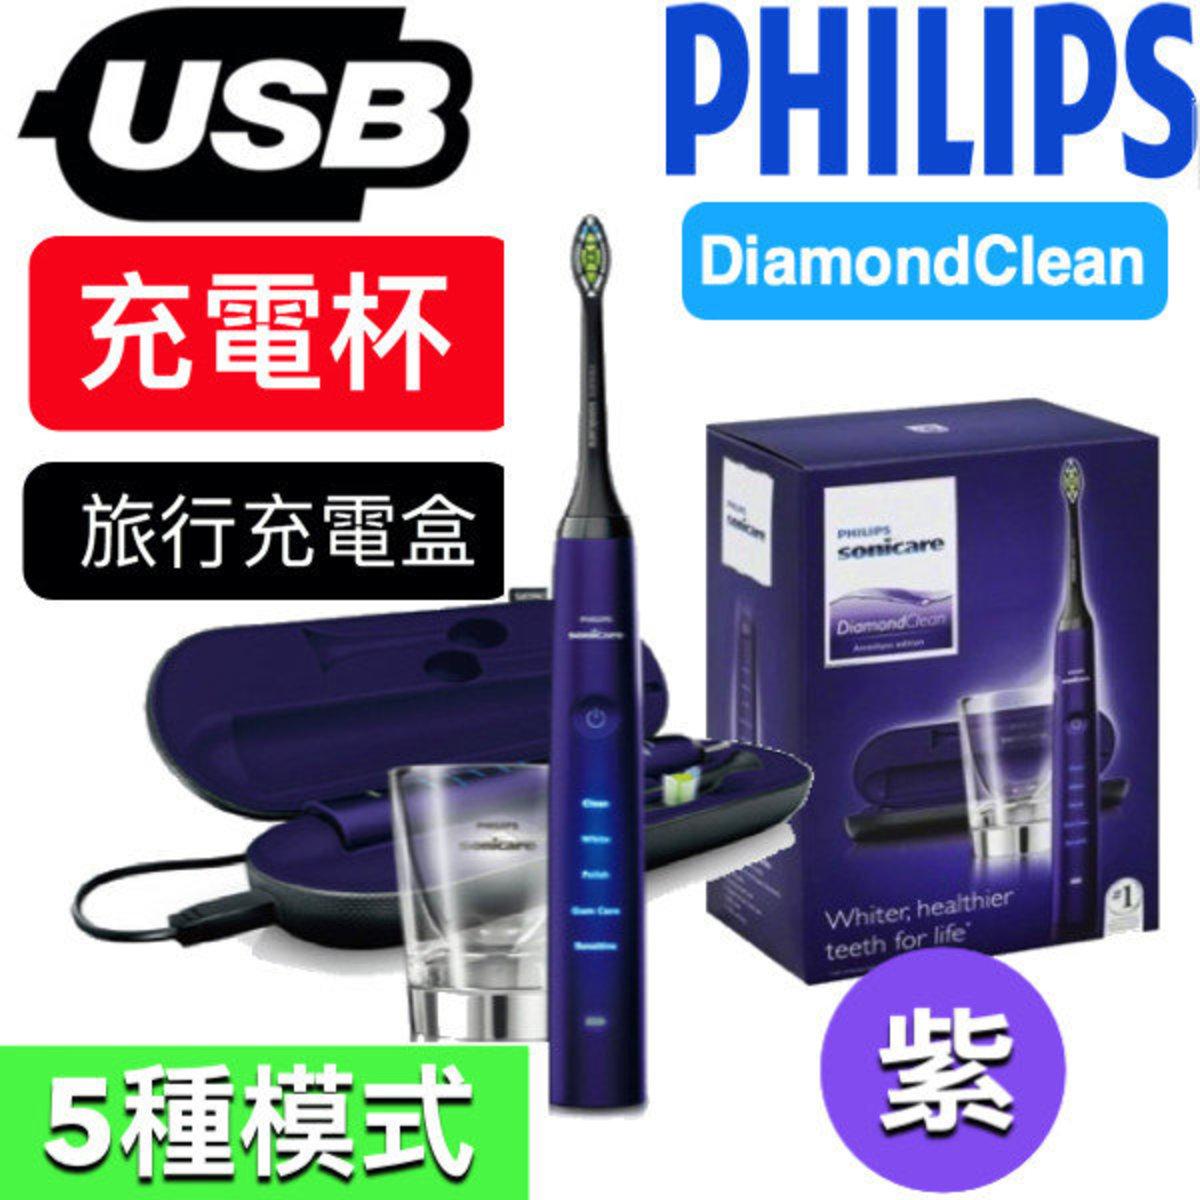 旗艦級 香港行貨 DiamondClean 聲波電動牙刷 紫色  HX9372 Toothbrush purple colour